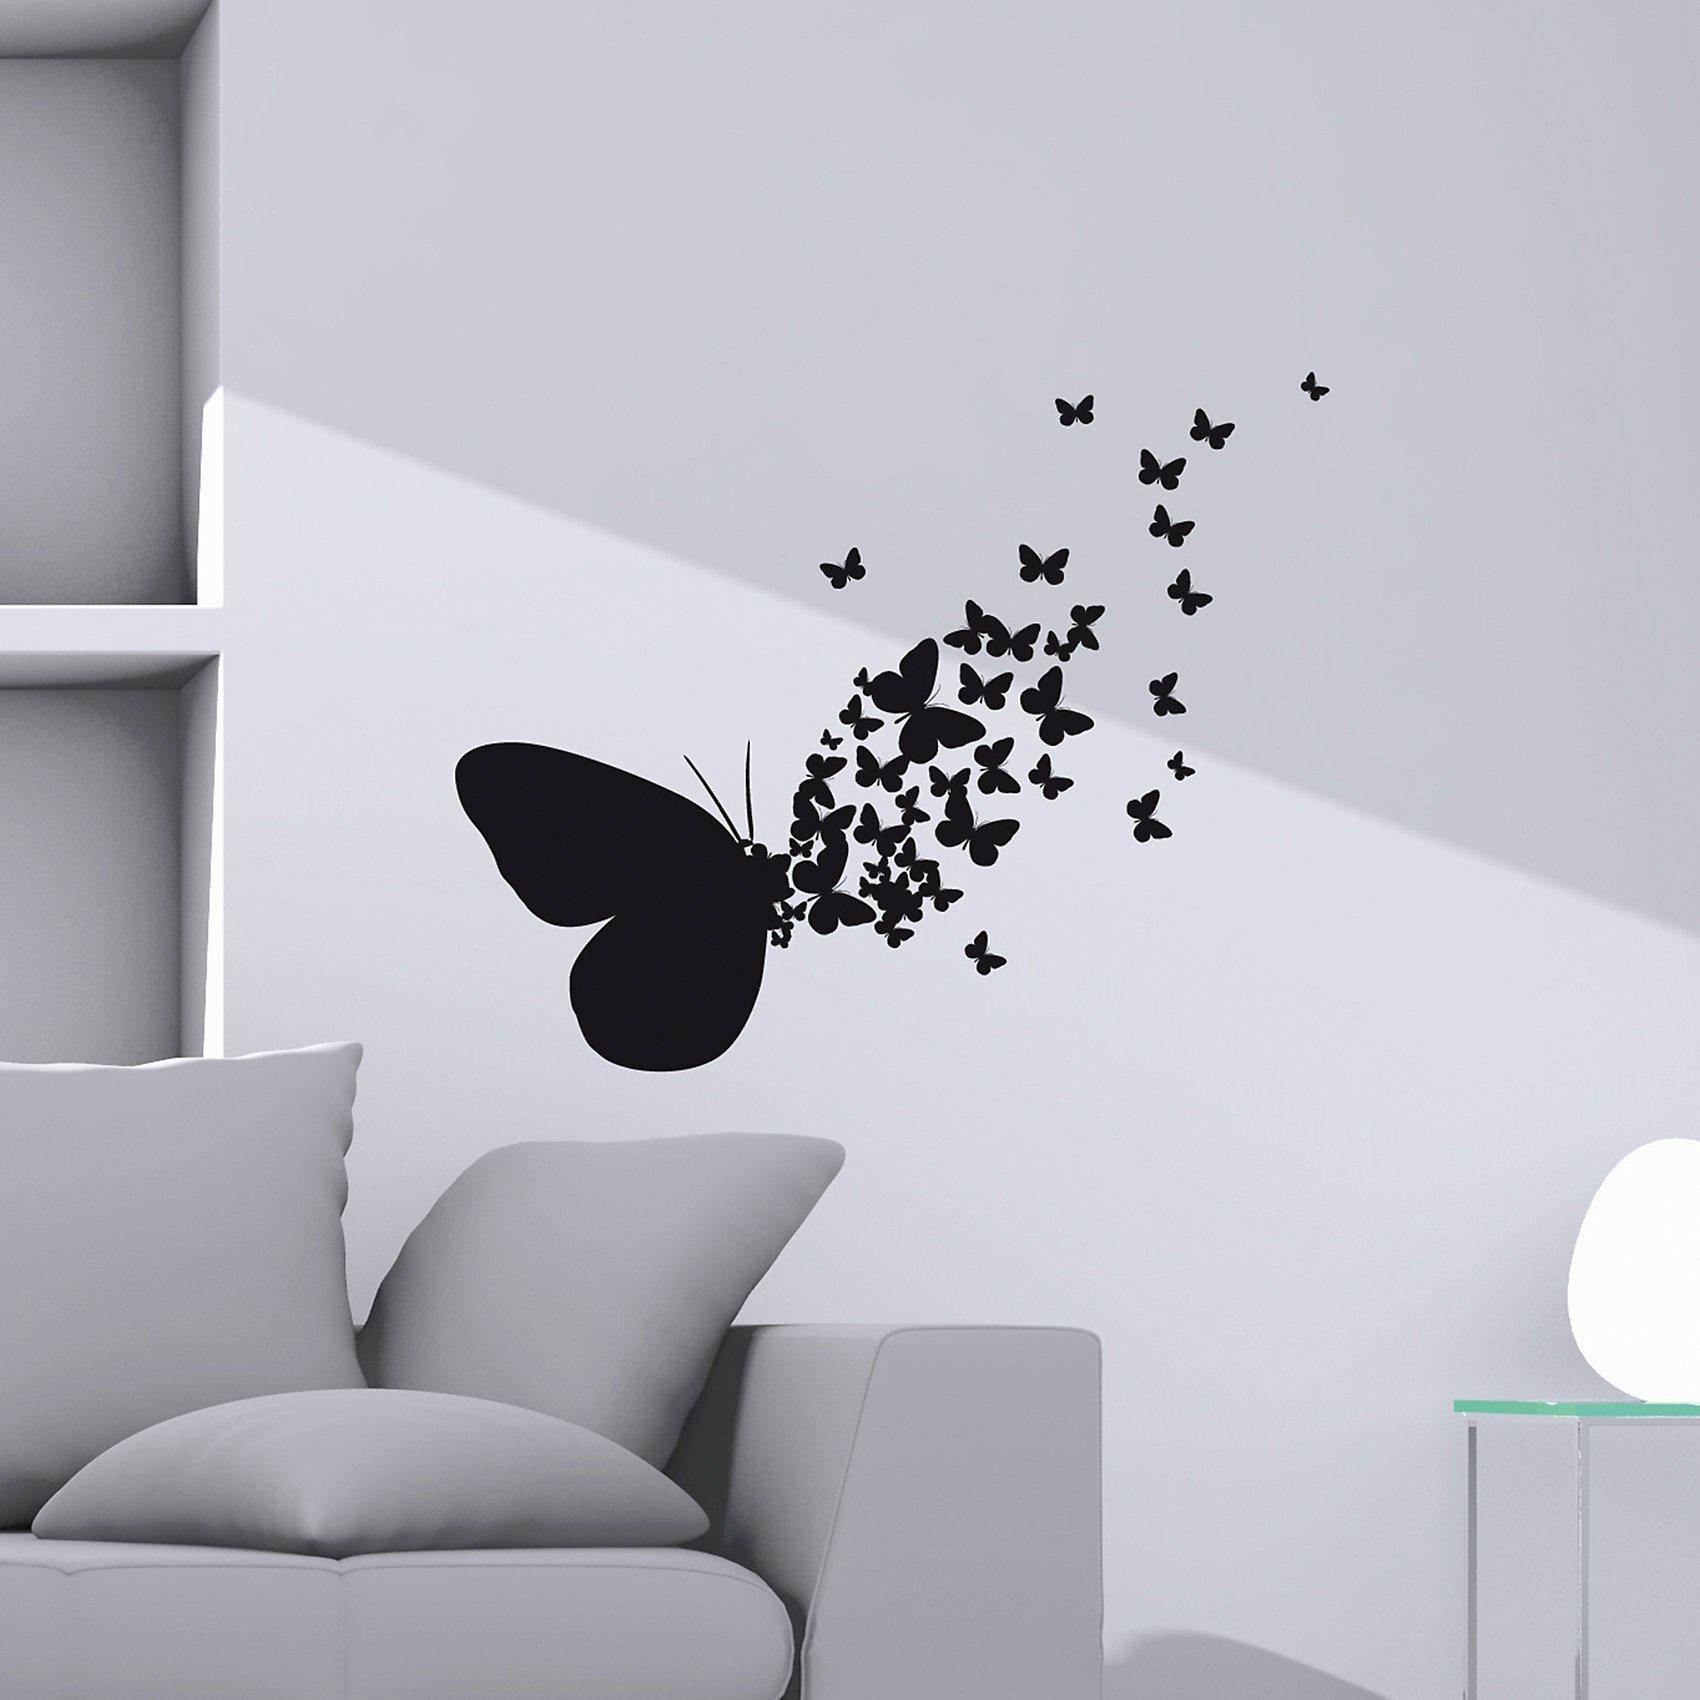 Ansprechend Wandtattoo Schmetterling Dekoration Von Wandsticker   Dekoration > Wandtattoos > Wandtattoos